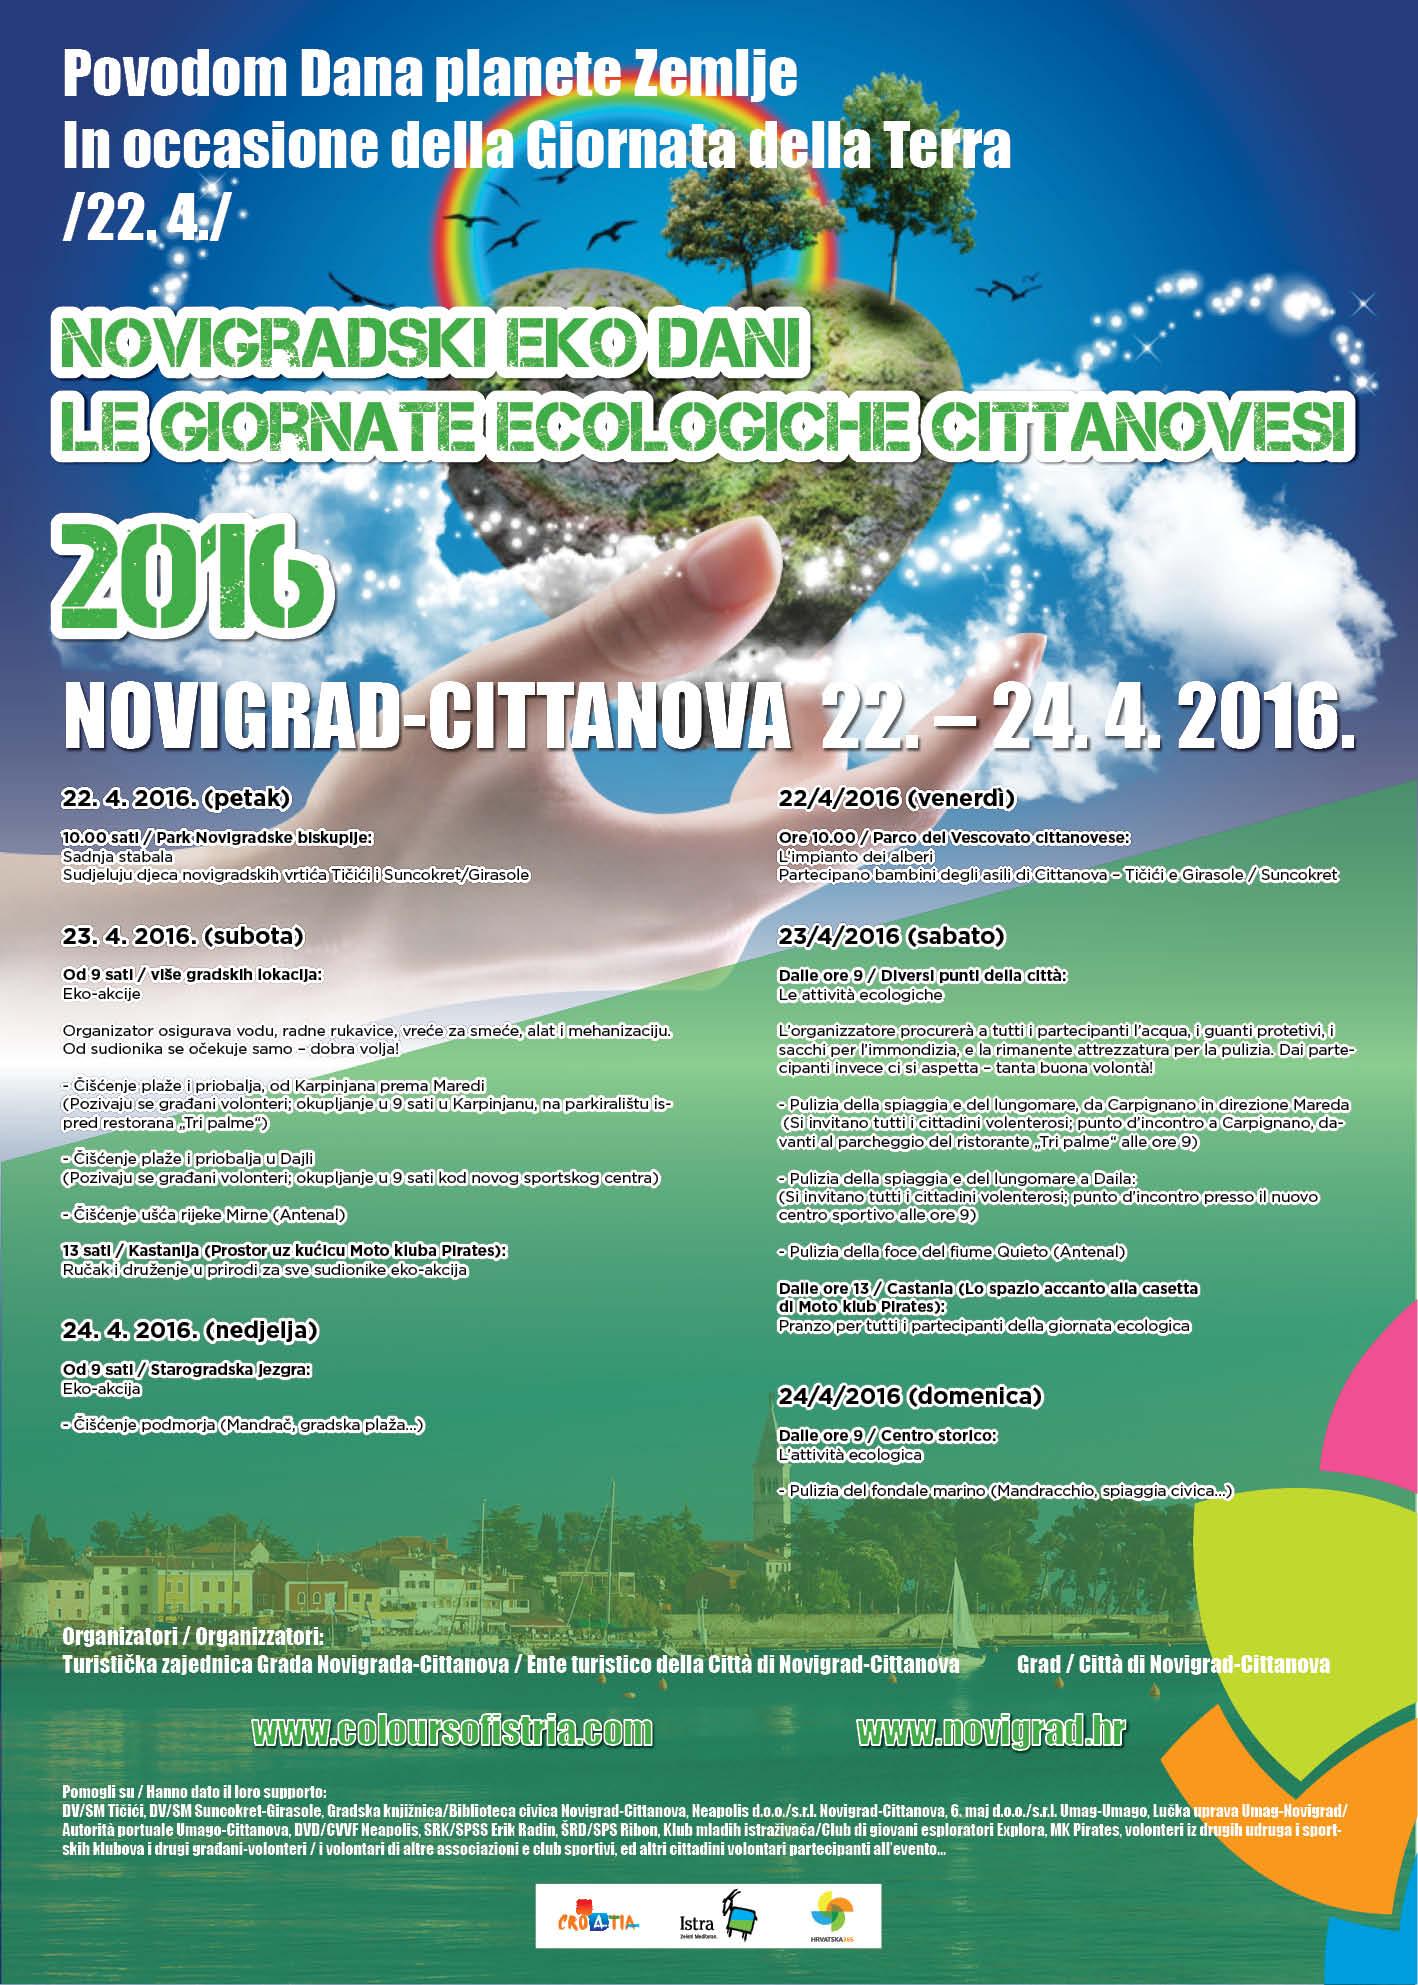 http://www.novigrad.hr/novigradski_eko_dani_2016_22._24._4